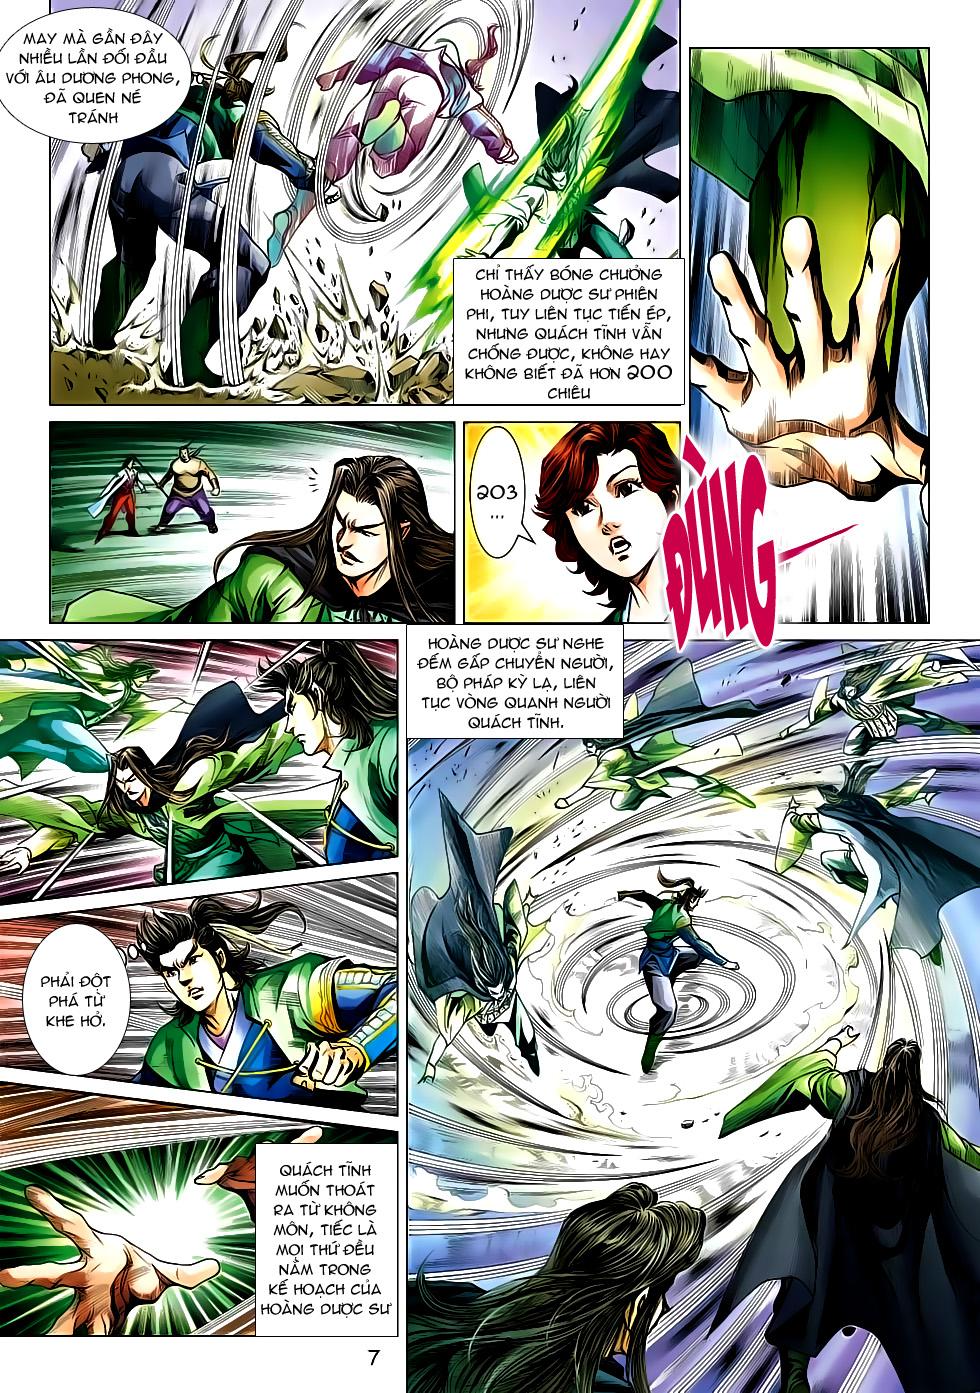 Xạ Điêu Anh Hùng Truyện chap 100 – End Trang 7 - Mangak.info